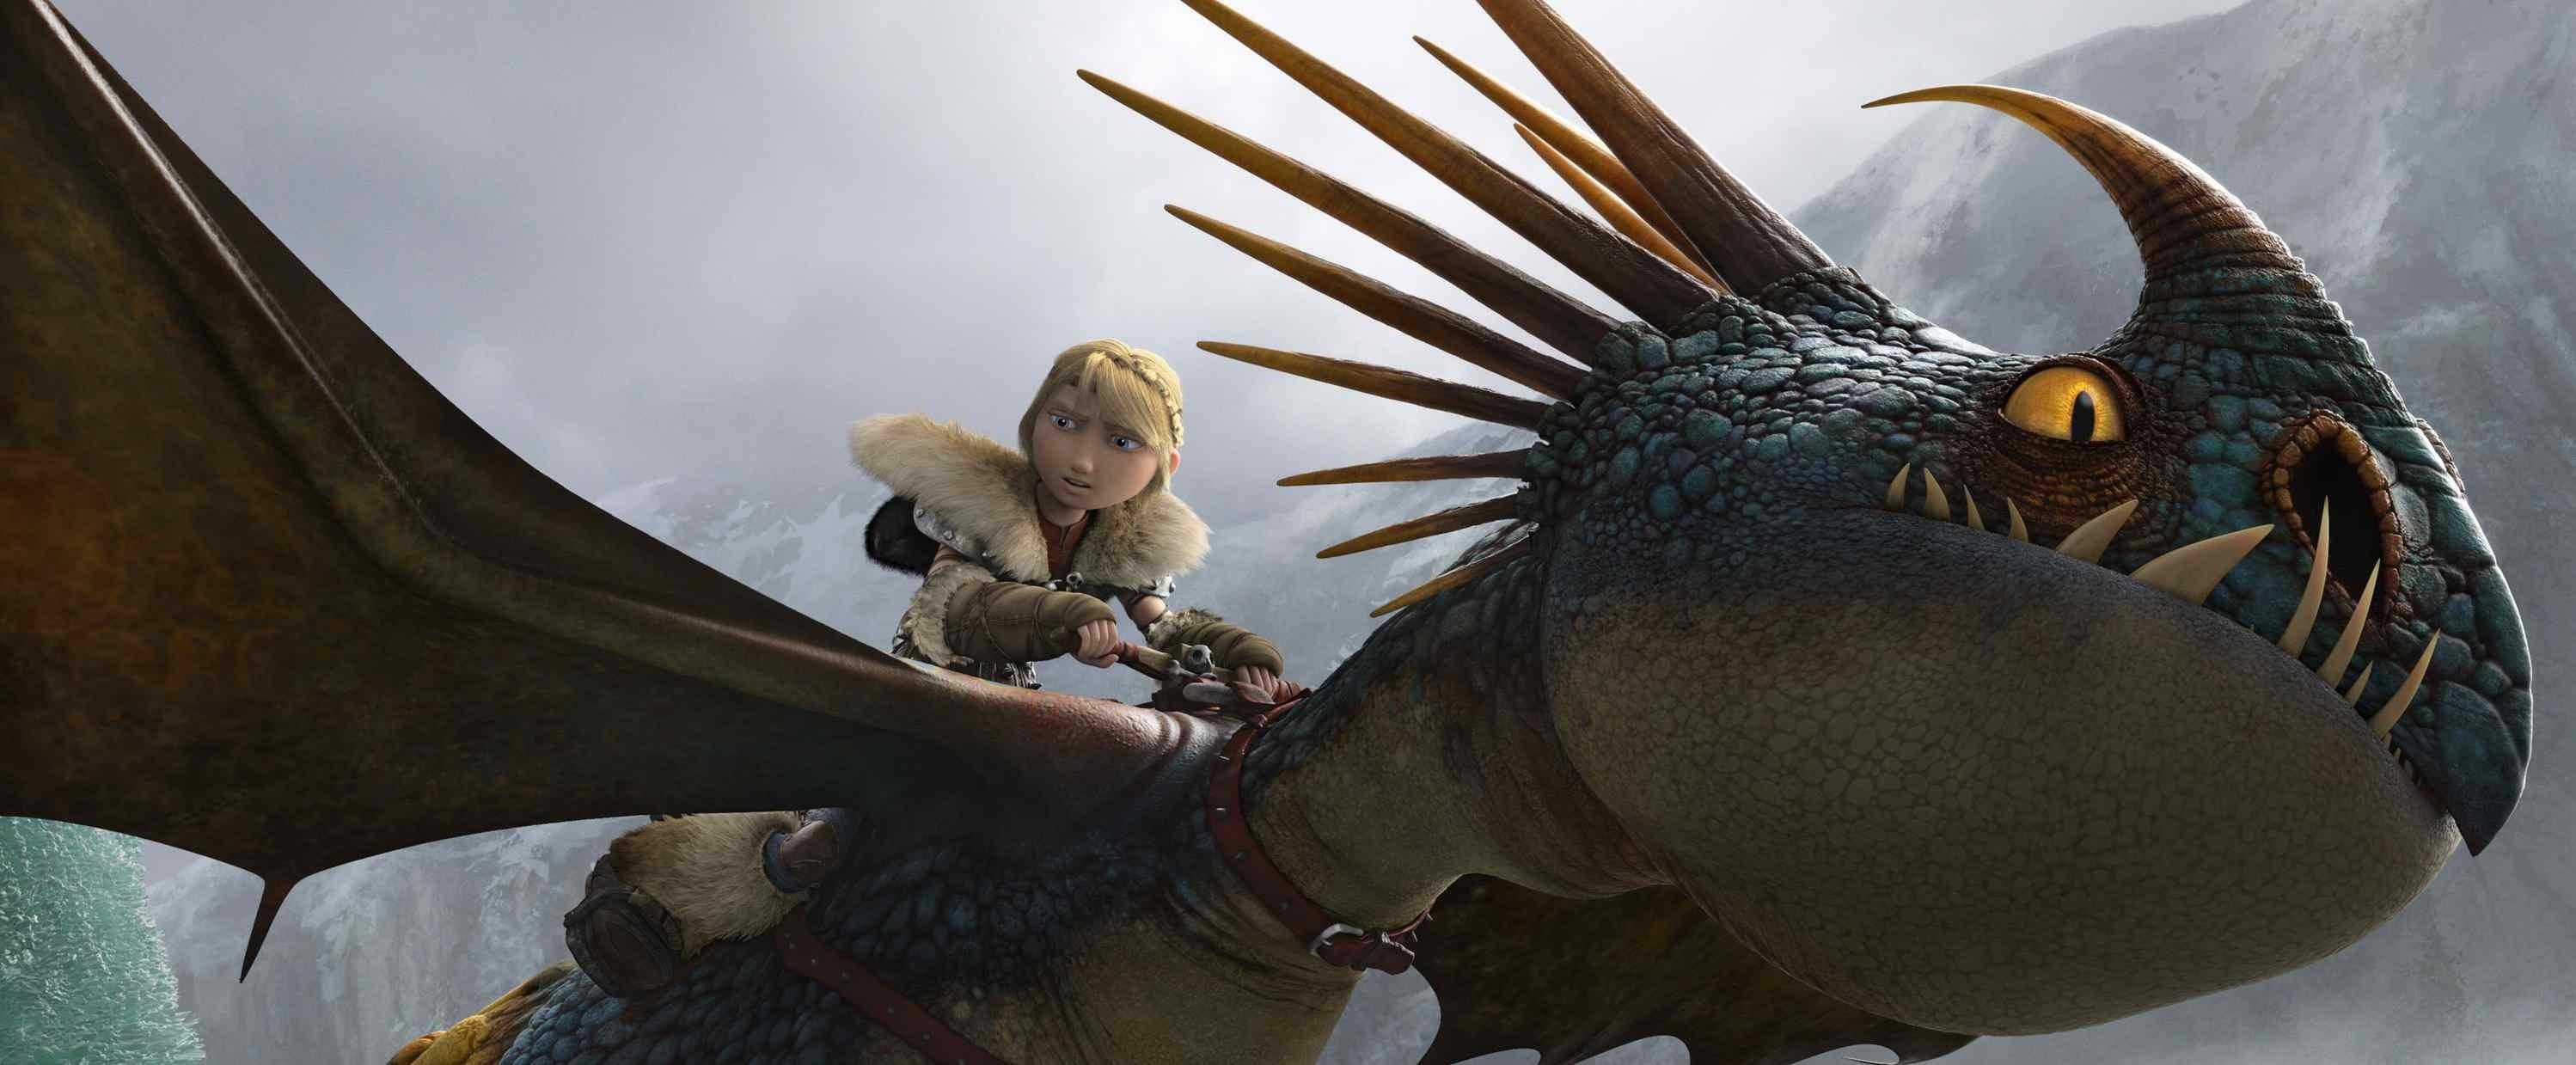 Cómo entrenar a tu dragón 2. Estreno: 20 de junio.